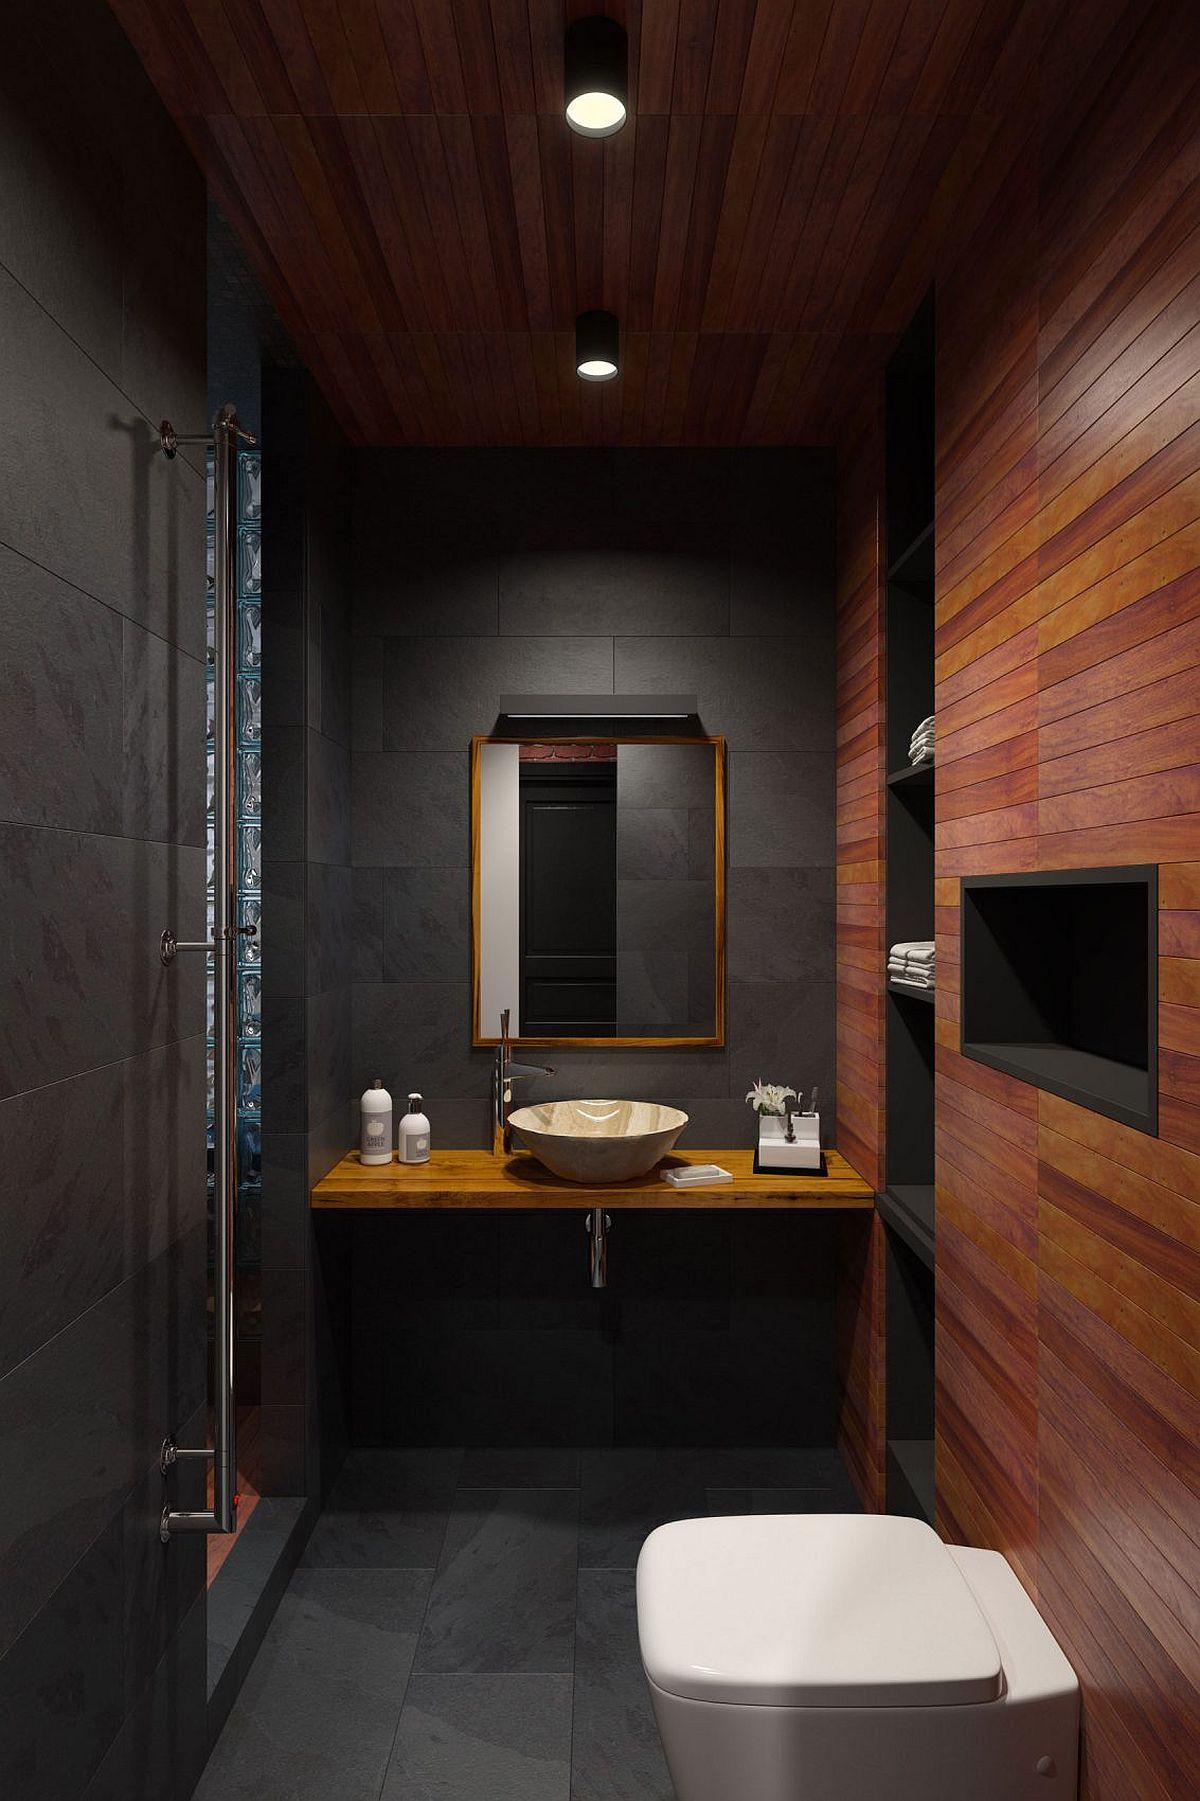 25 Tiny Apartment Bathroom Ideas that Maximize Space and ... on Apartment Bathroom Ideas  id=33584